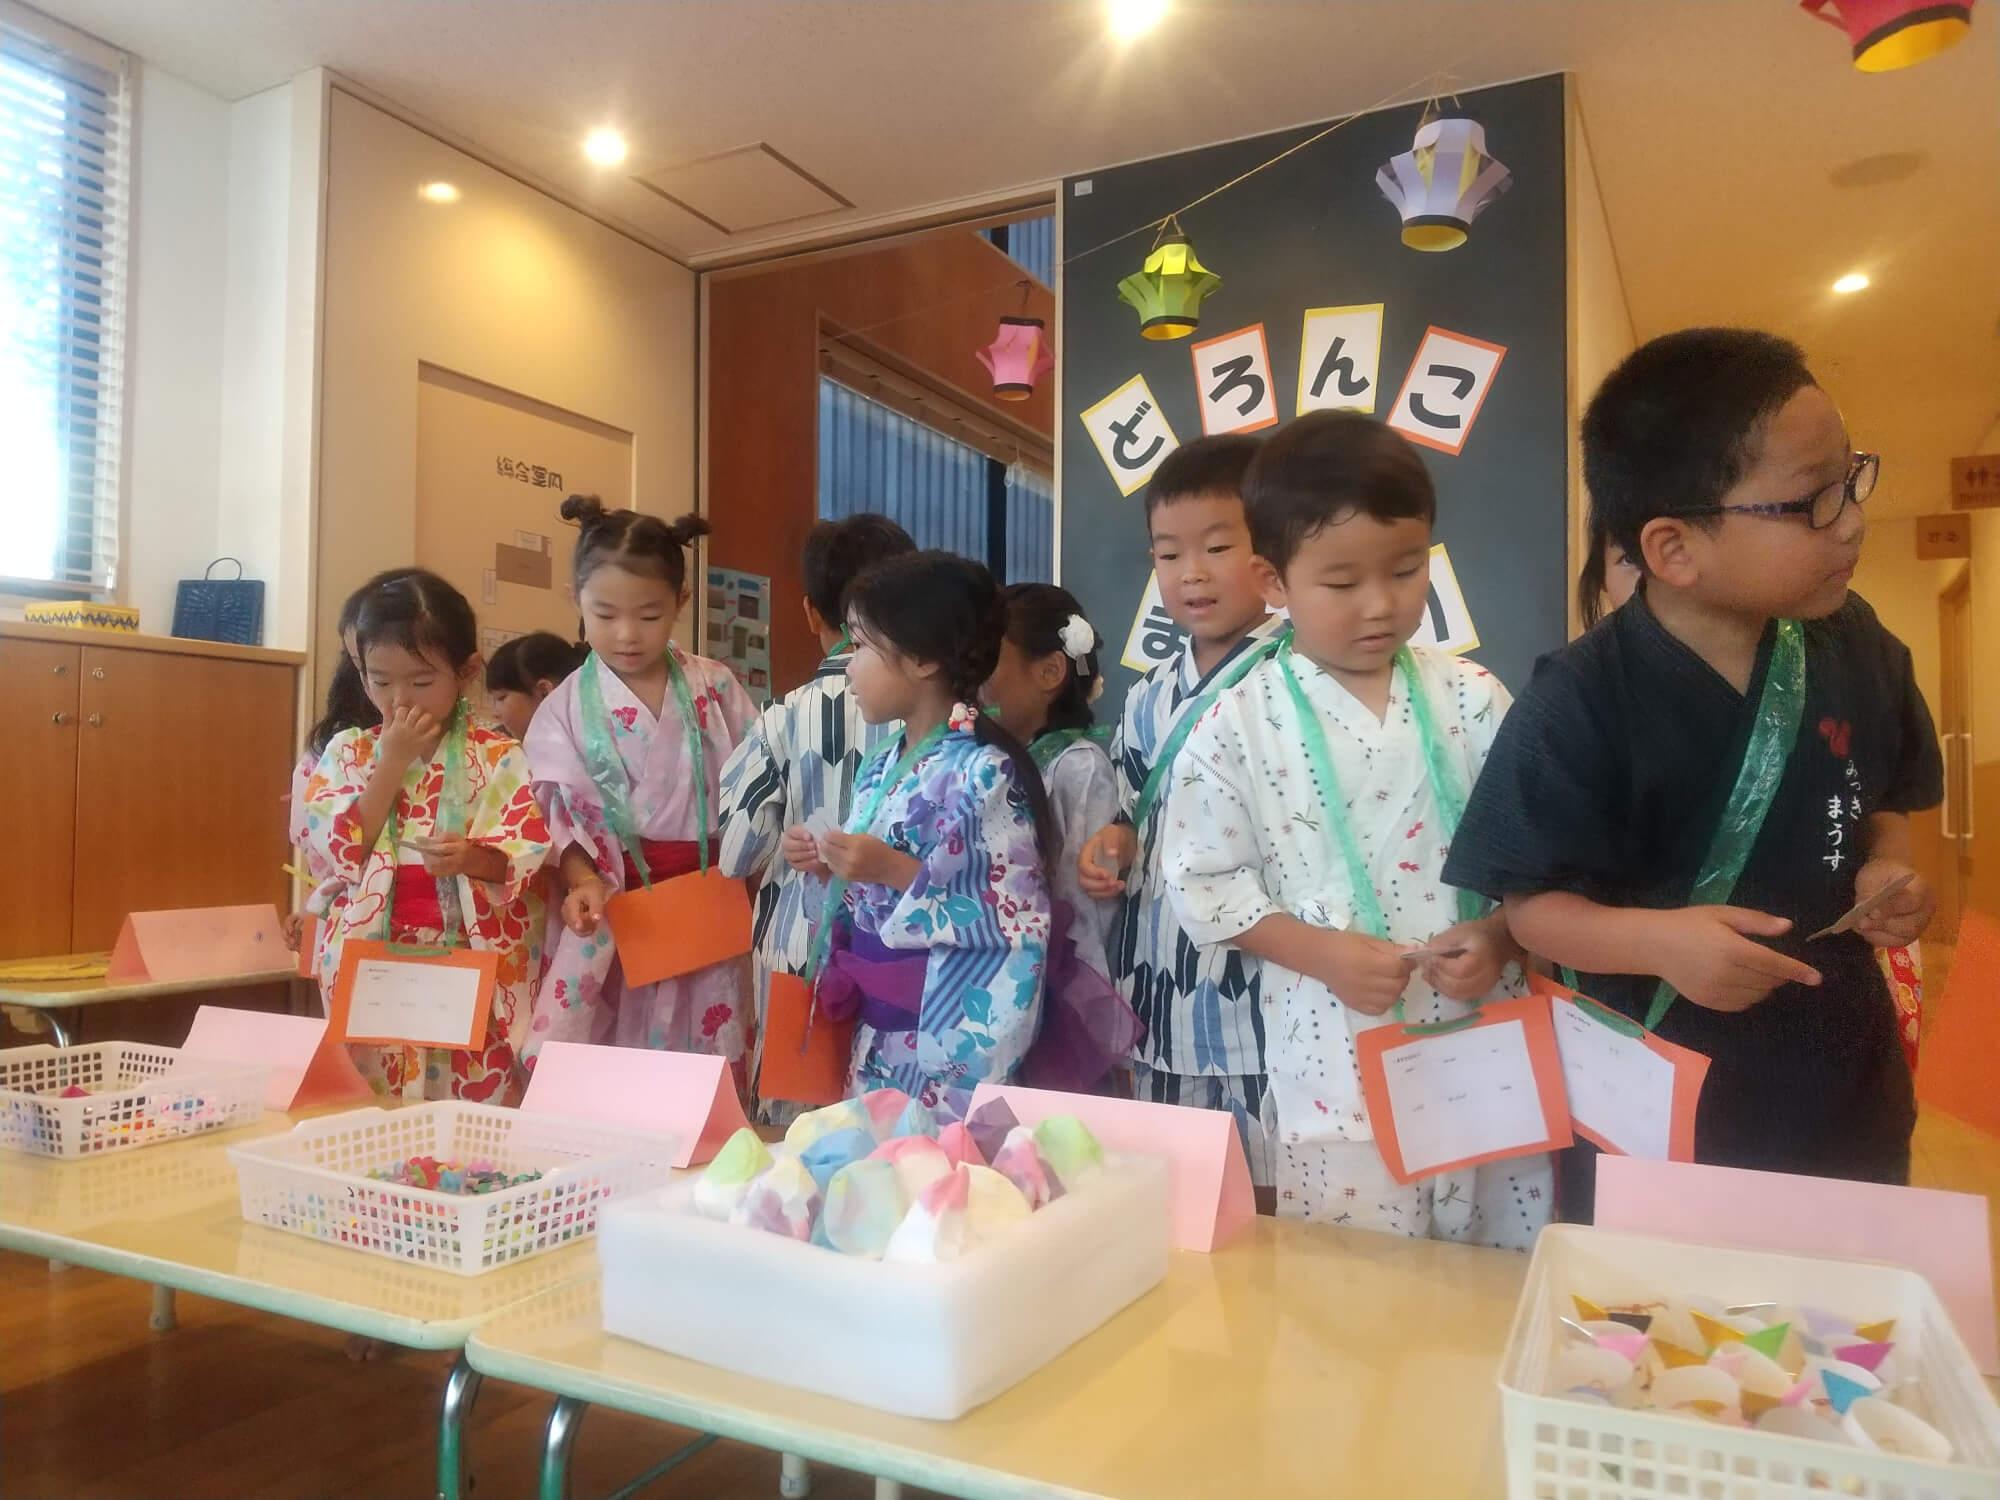 手作りのコインと商品でお買い物を楽しむ子どもたち